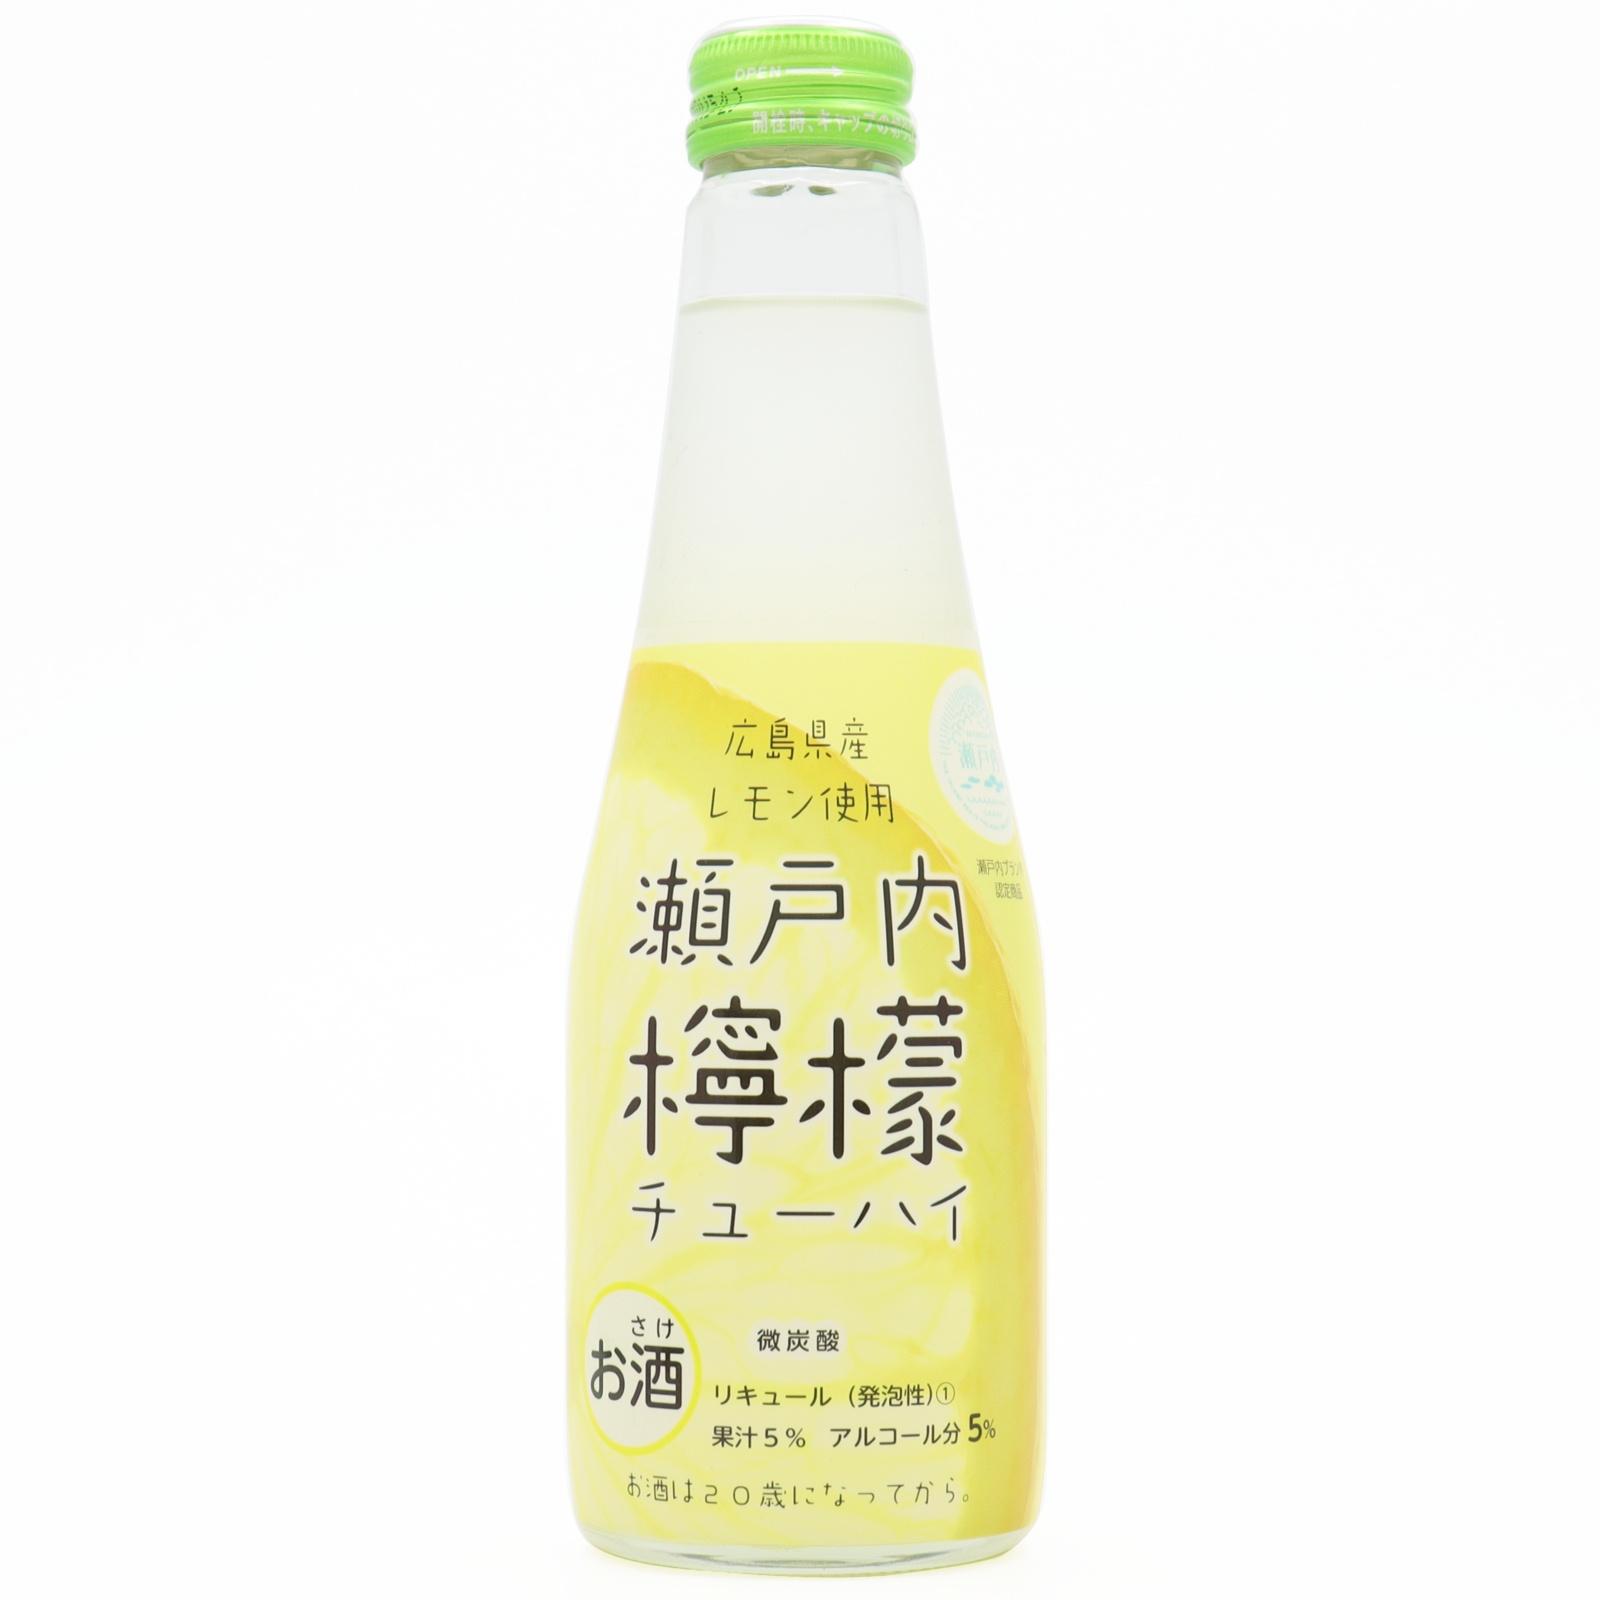 瀬戸内檸檬チューハイ瓶